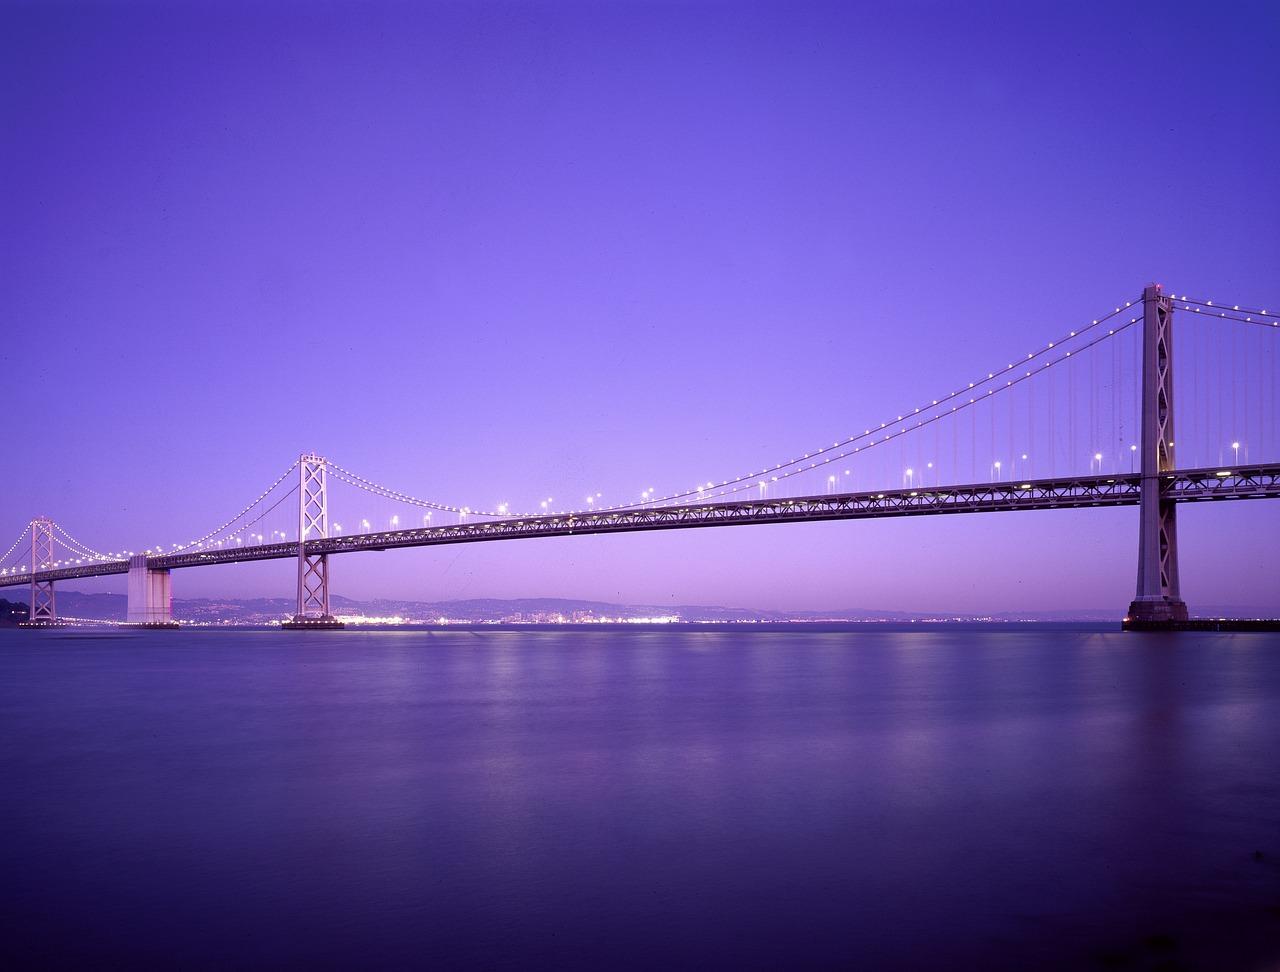 mechanical engineering bridge